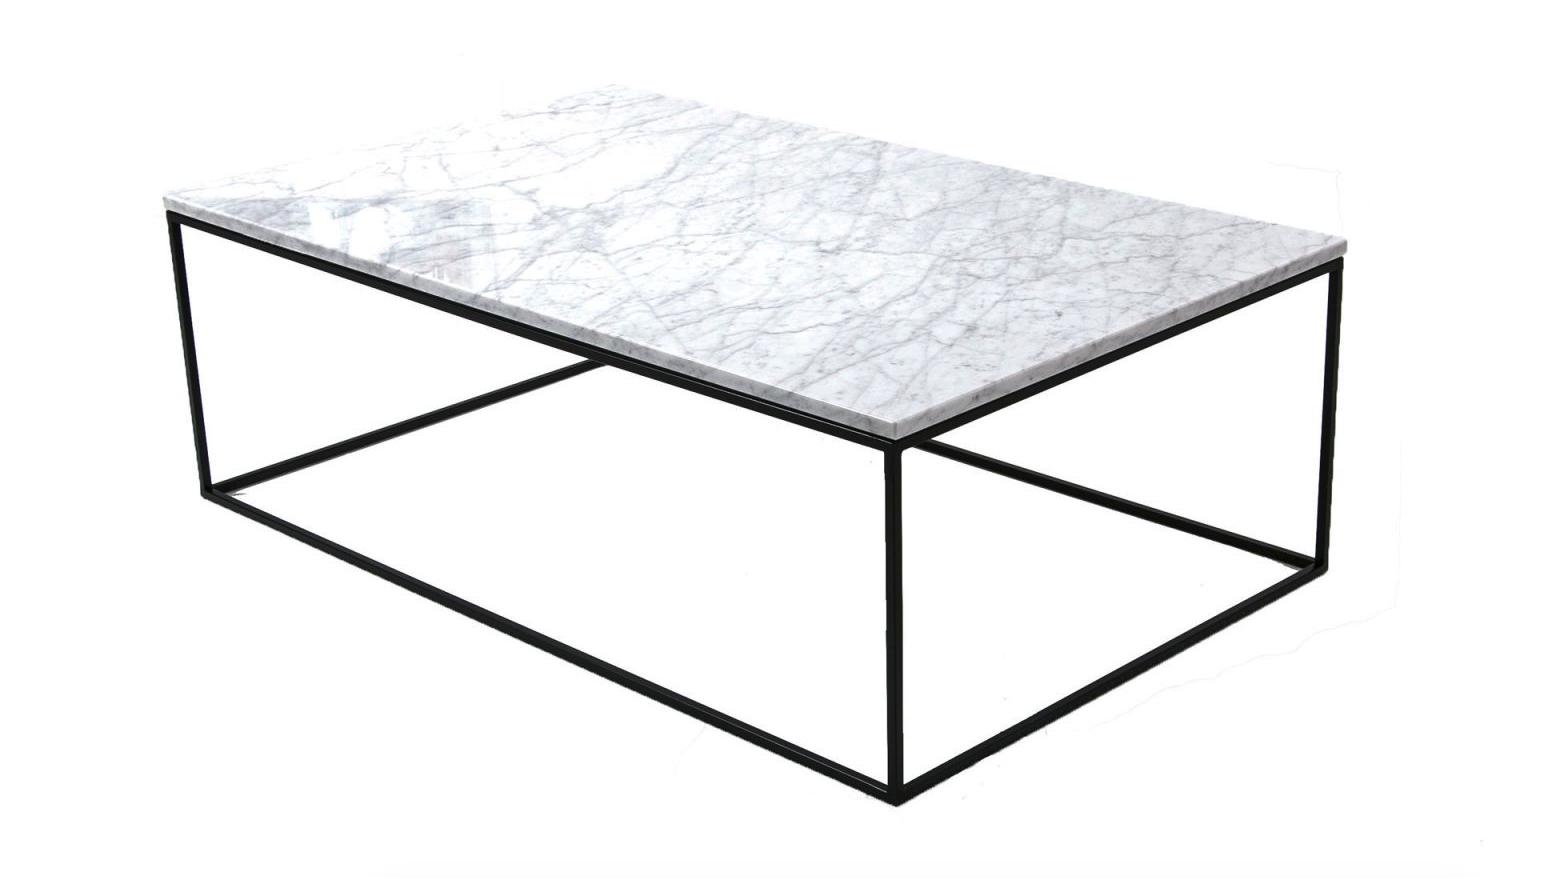 Pin by Sweef Furniture on Sweef se Product Images Soffbord, Soffbord marmor, Köksbord trä